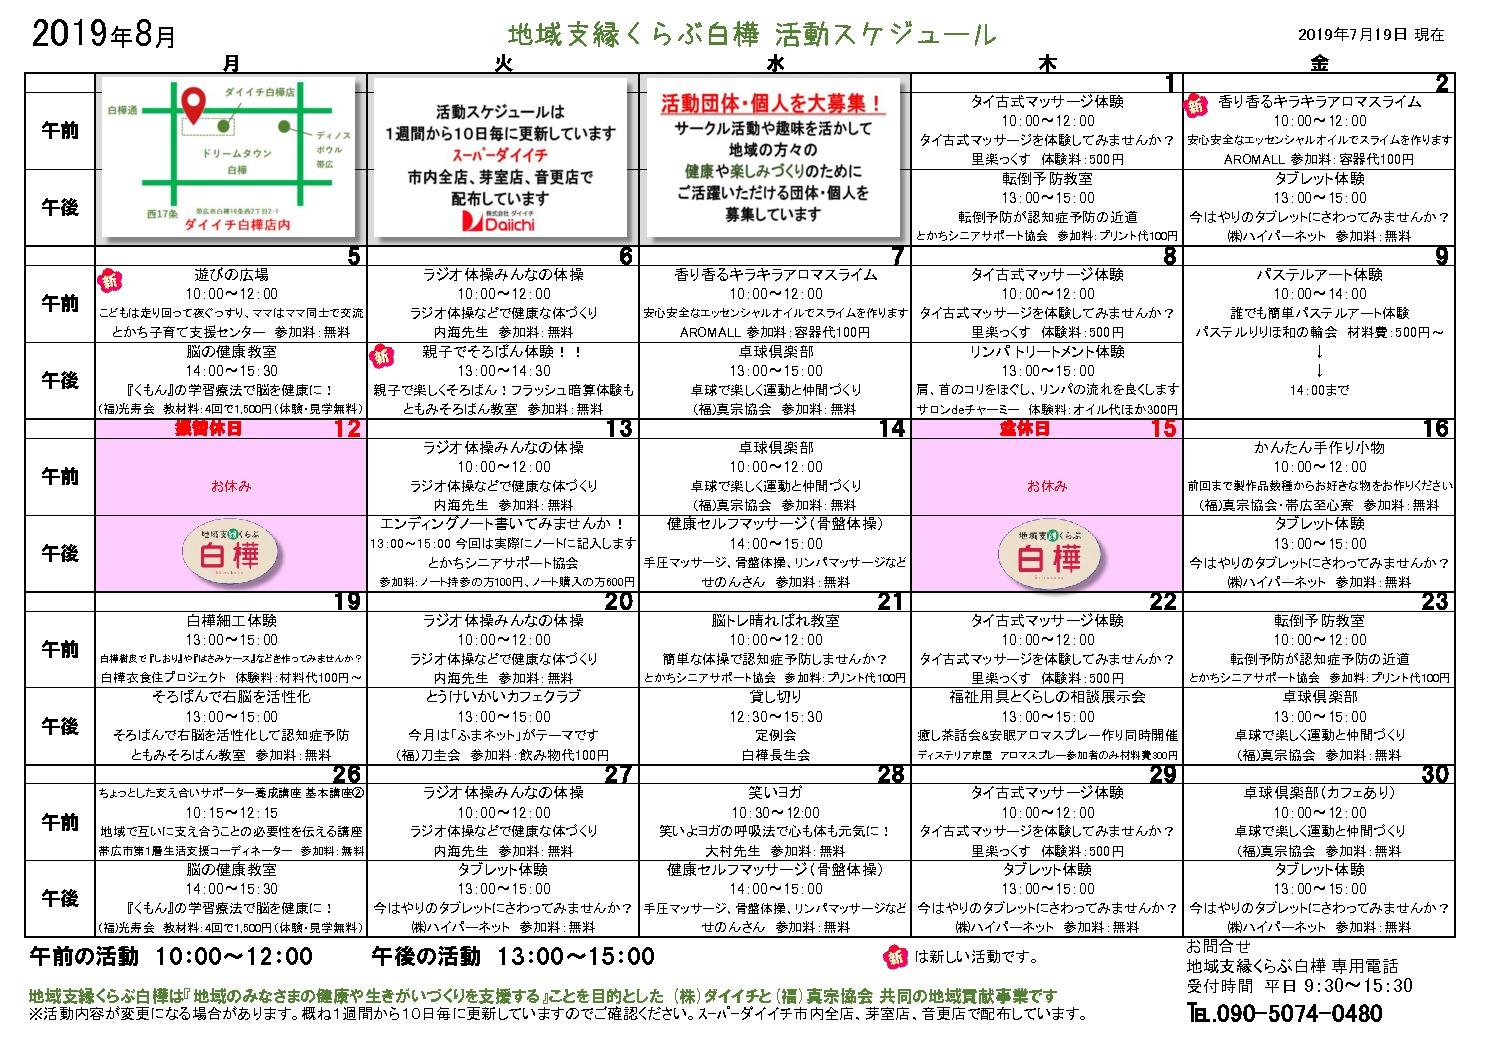 2019活動スケジュール8(2019.7.19付)のサムネイル